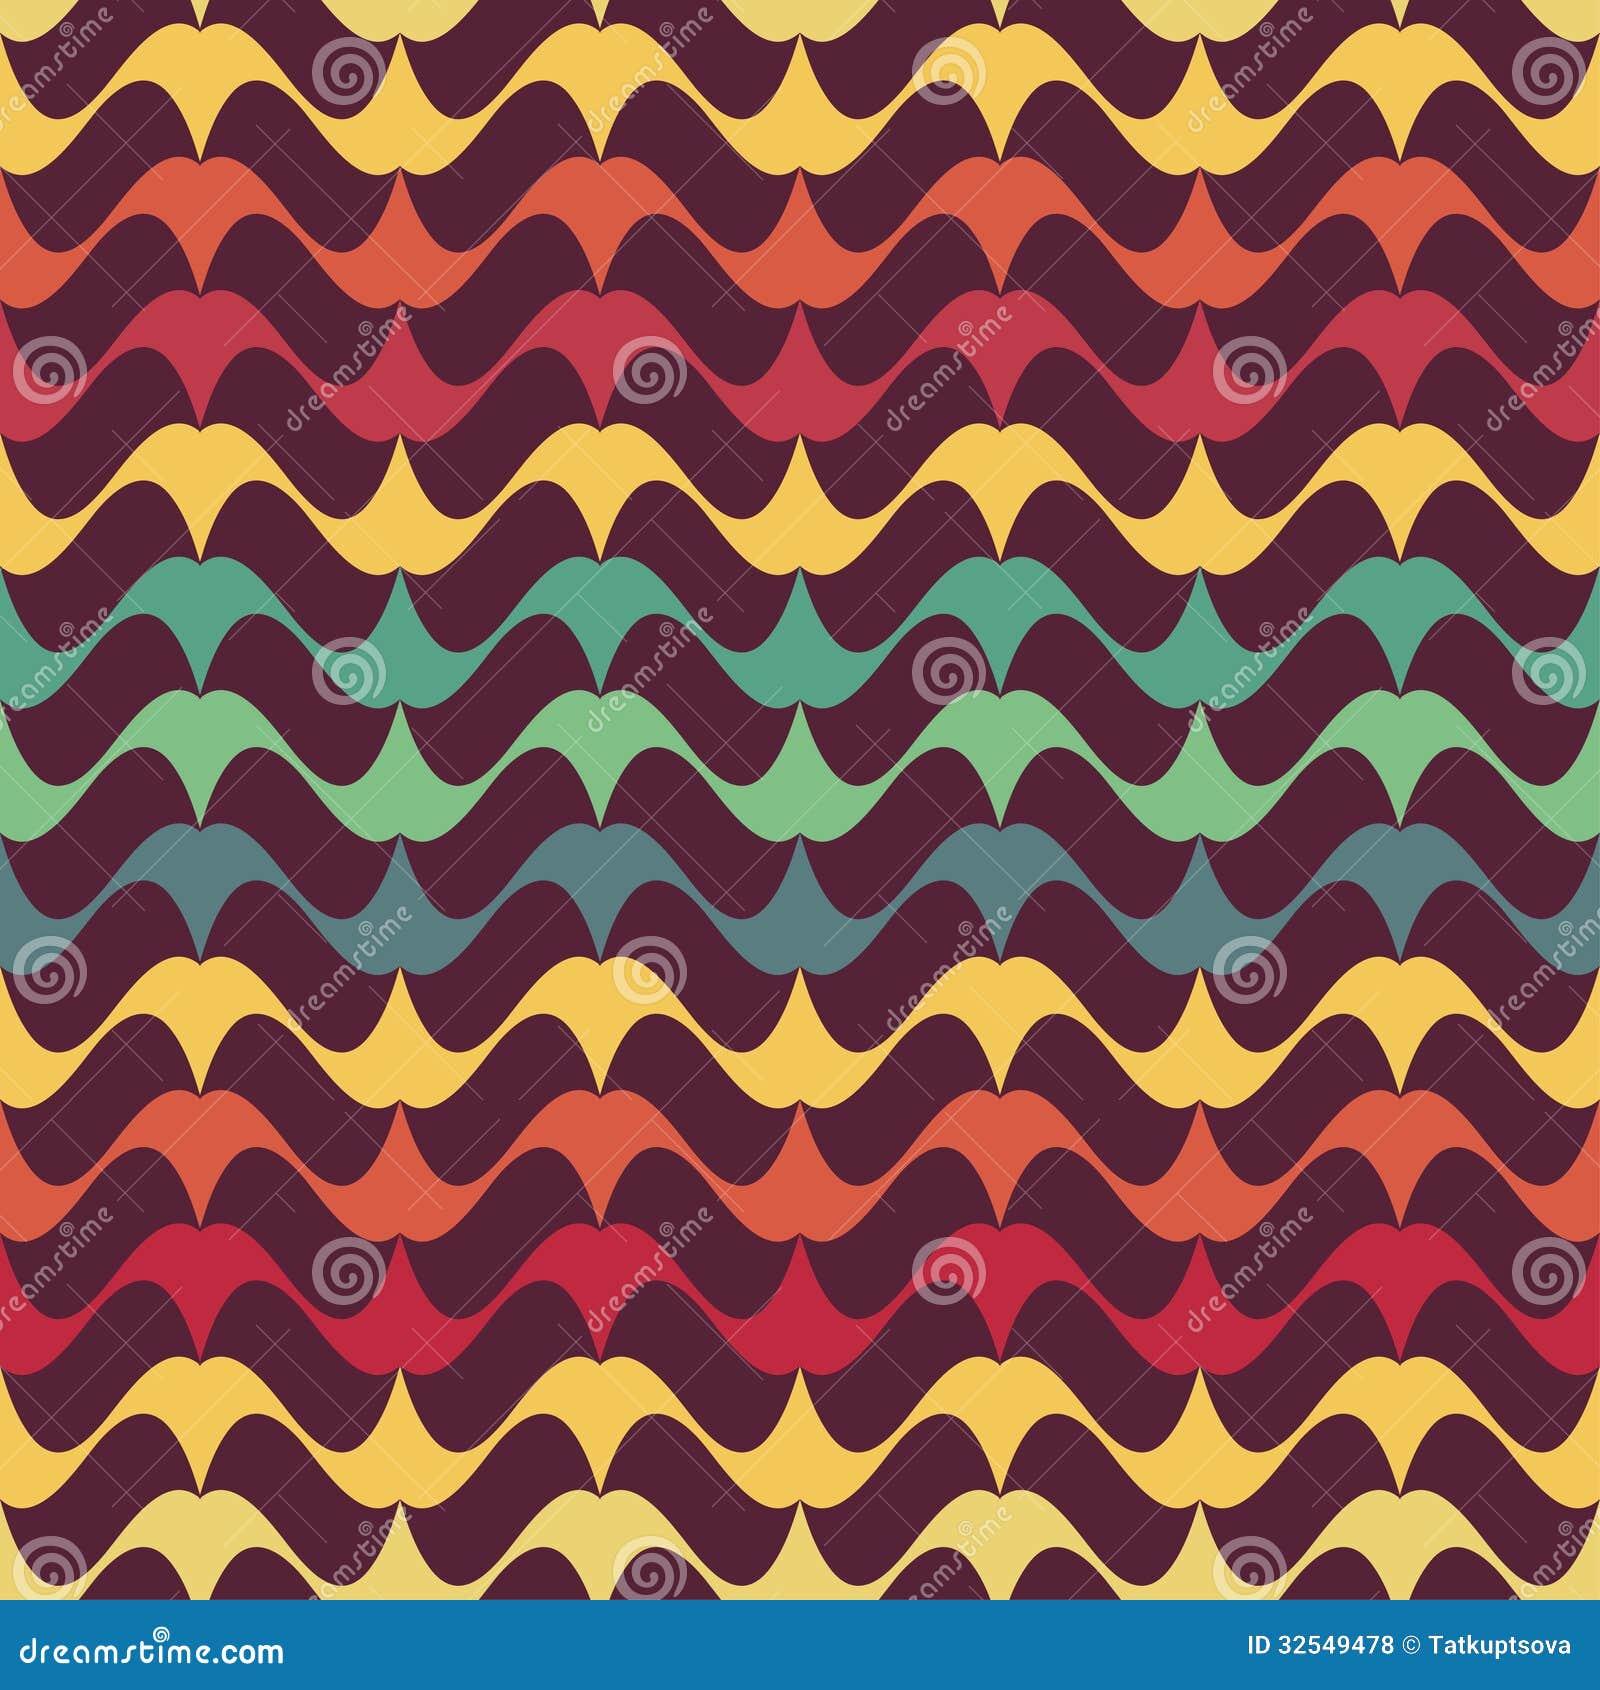 pattern royalty background patterns - photo #27